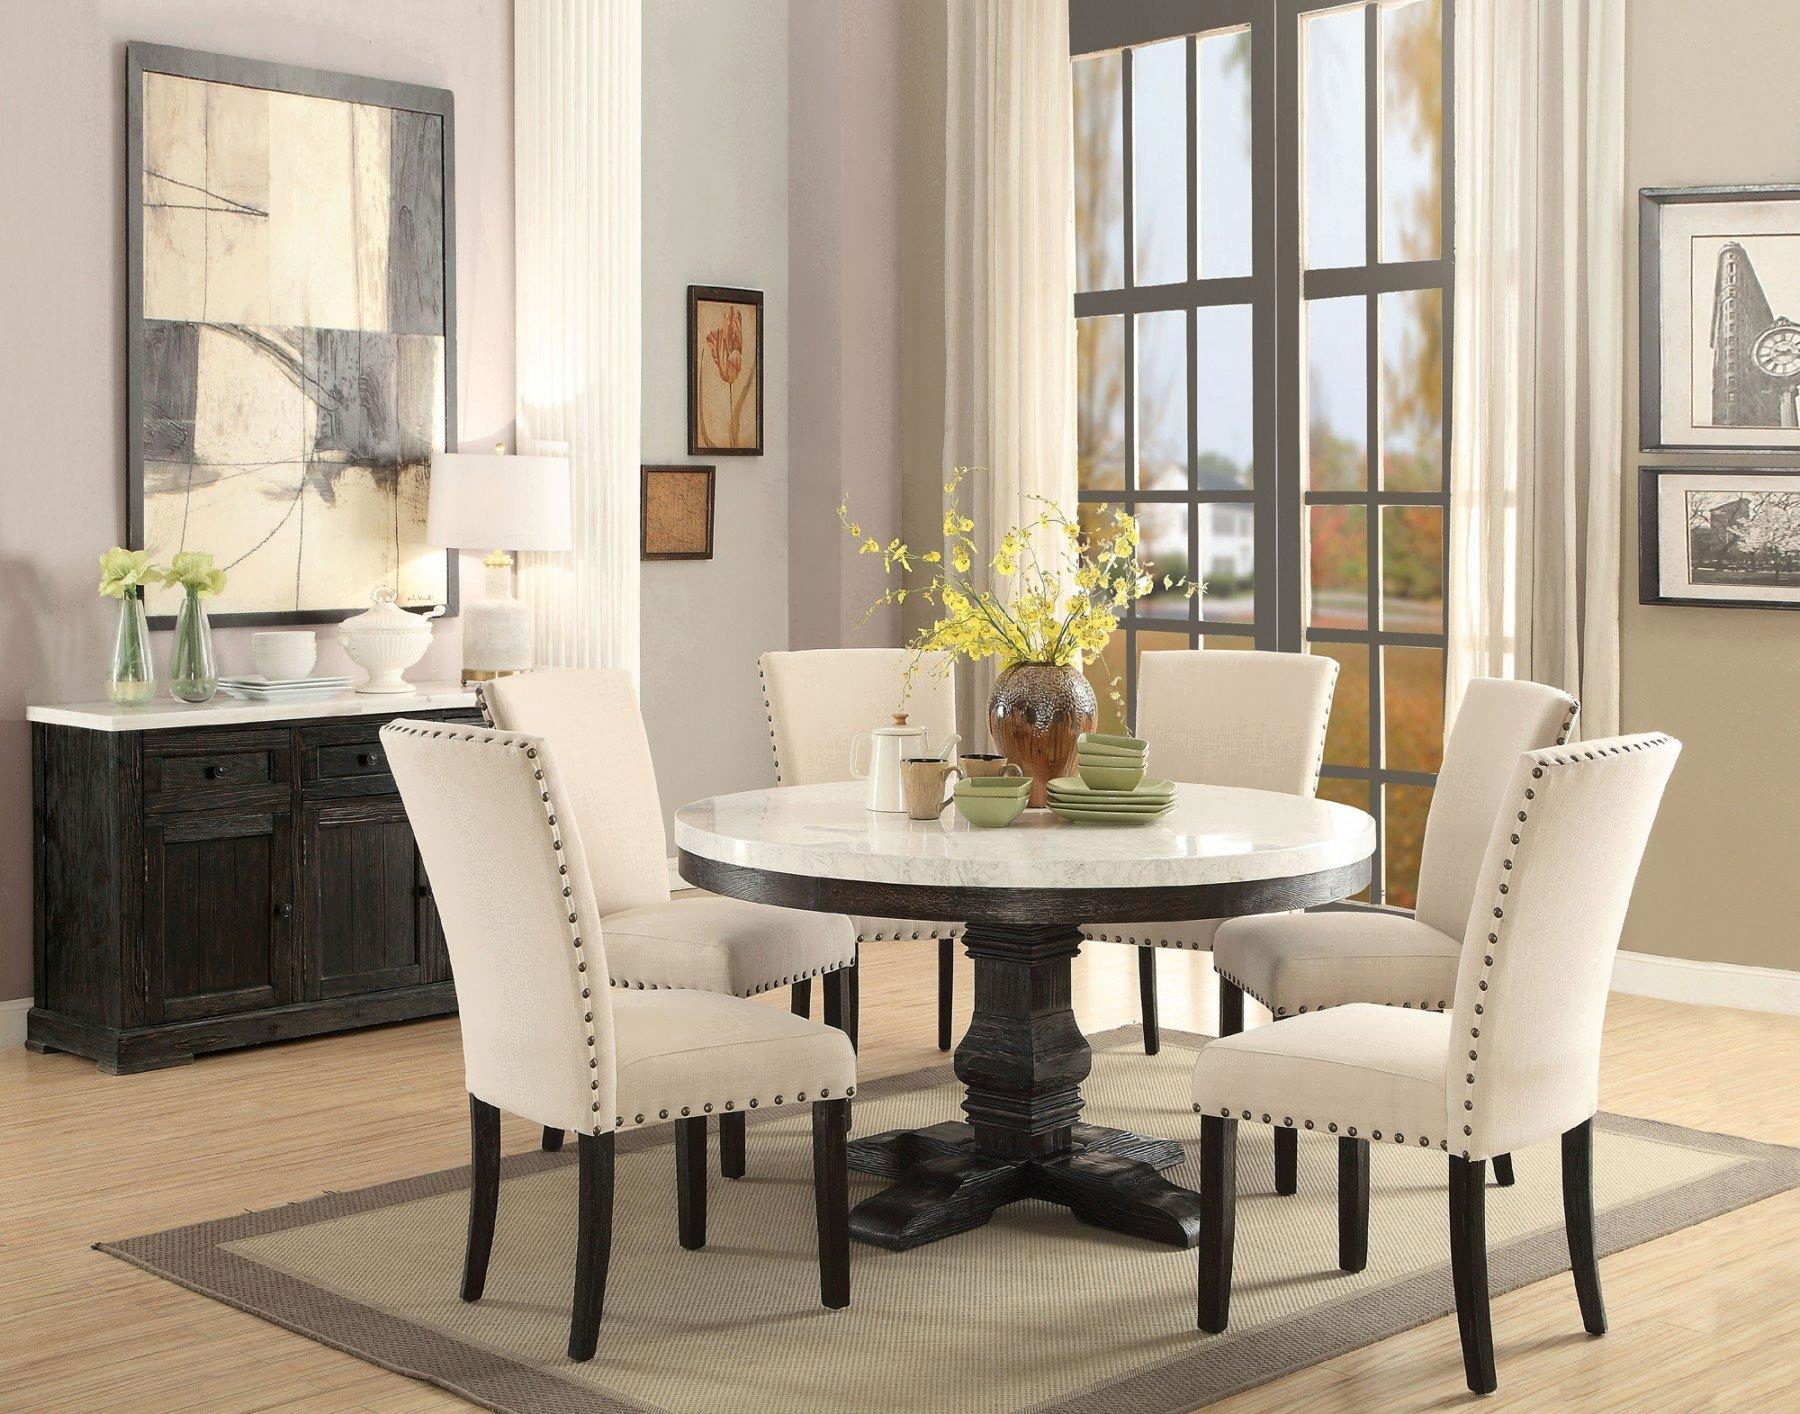 White Marble Top Black Round Dining Table Set 5 Pcs Acme Furniture 72845 Nolan Nolan 72845 Set 5